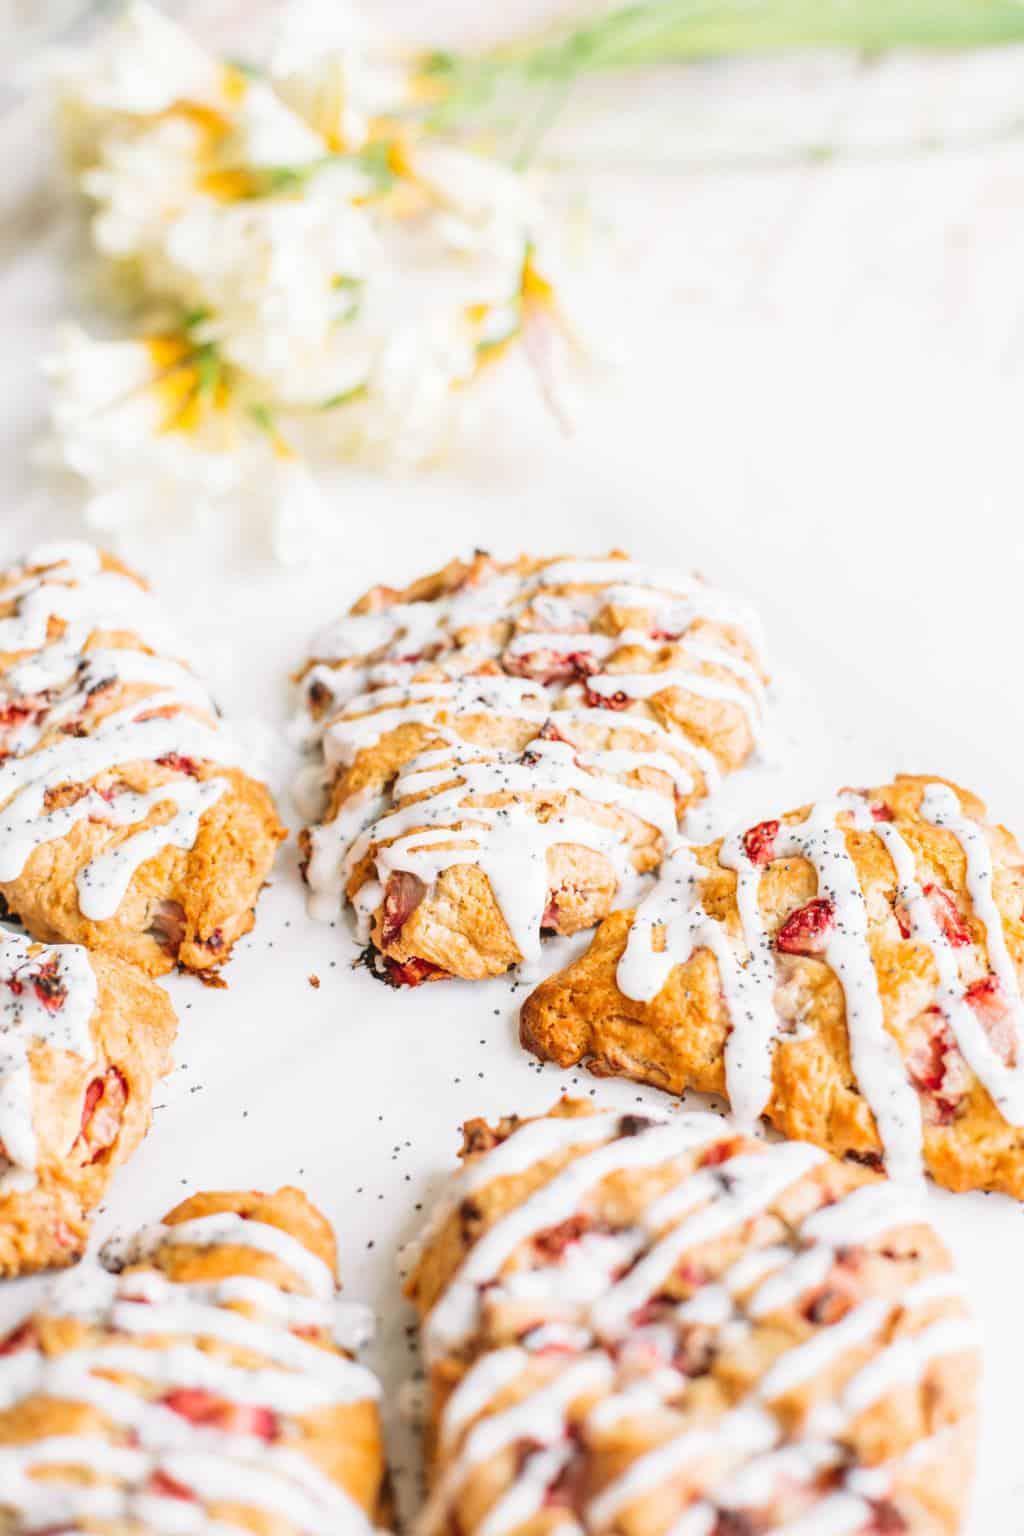 strawberry lemon scones with poppy seed glaze